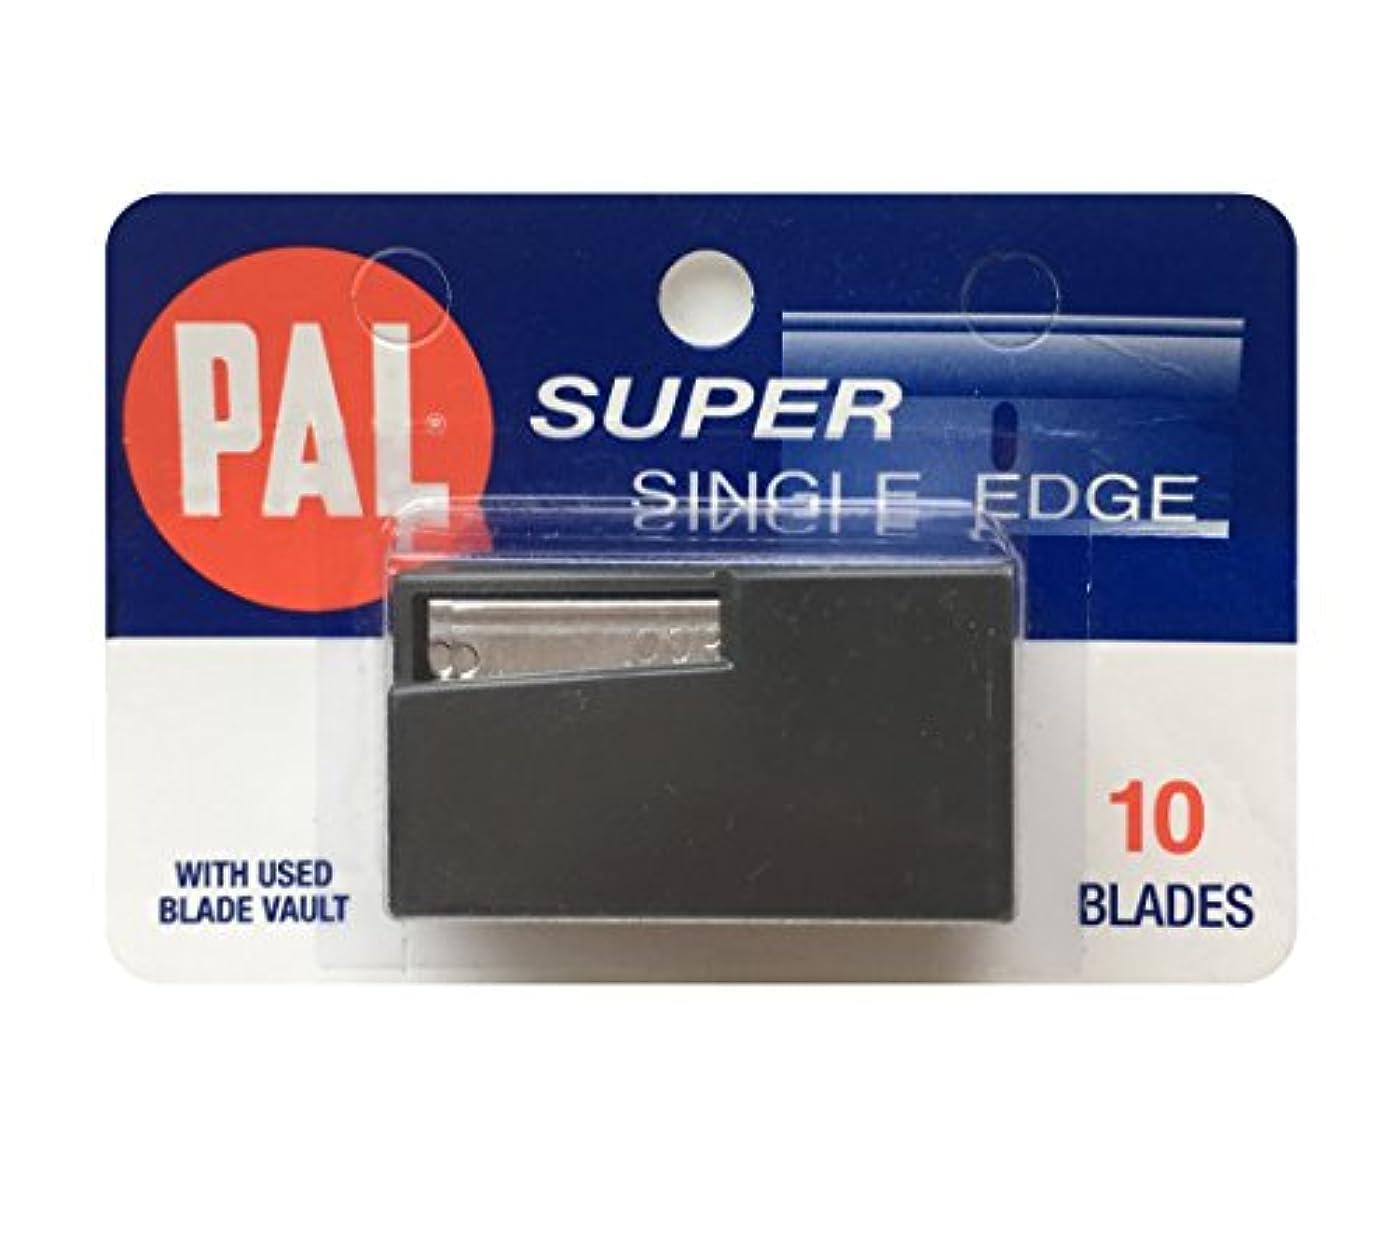 ブルーム良い羊PAL SUPER (パル スーパー)シングルエッジ 片刃替刃 10枚入り [並行輸入品]